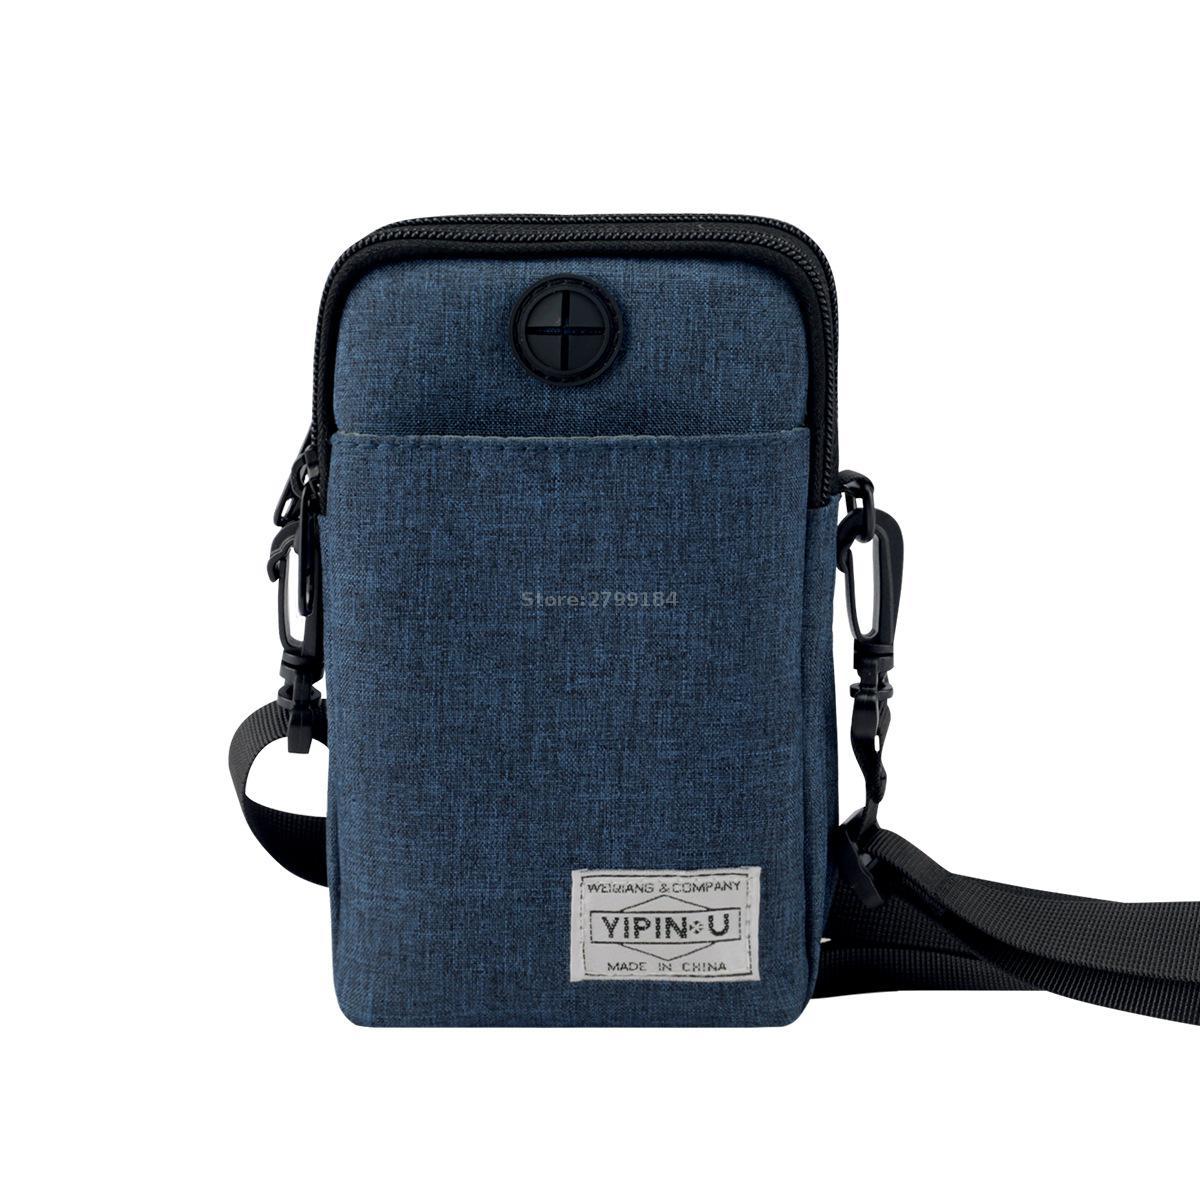 Multifuncional à Prova Água ao ar Bolsa de Telefone Anti-roubo de Segurança Yipinu Dwaterproof Livre Esporte Mini Bolsa Carteira id Titular Passaporte Pescoço